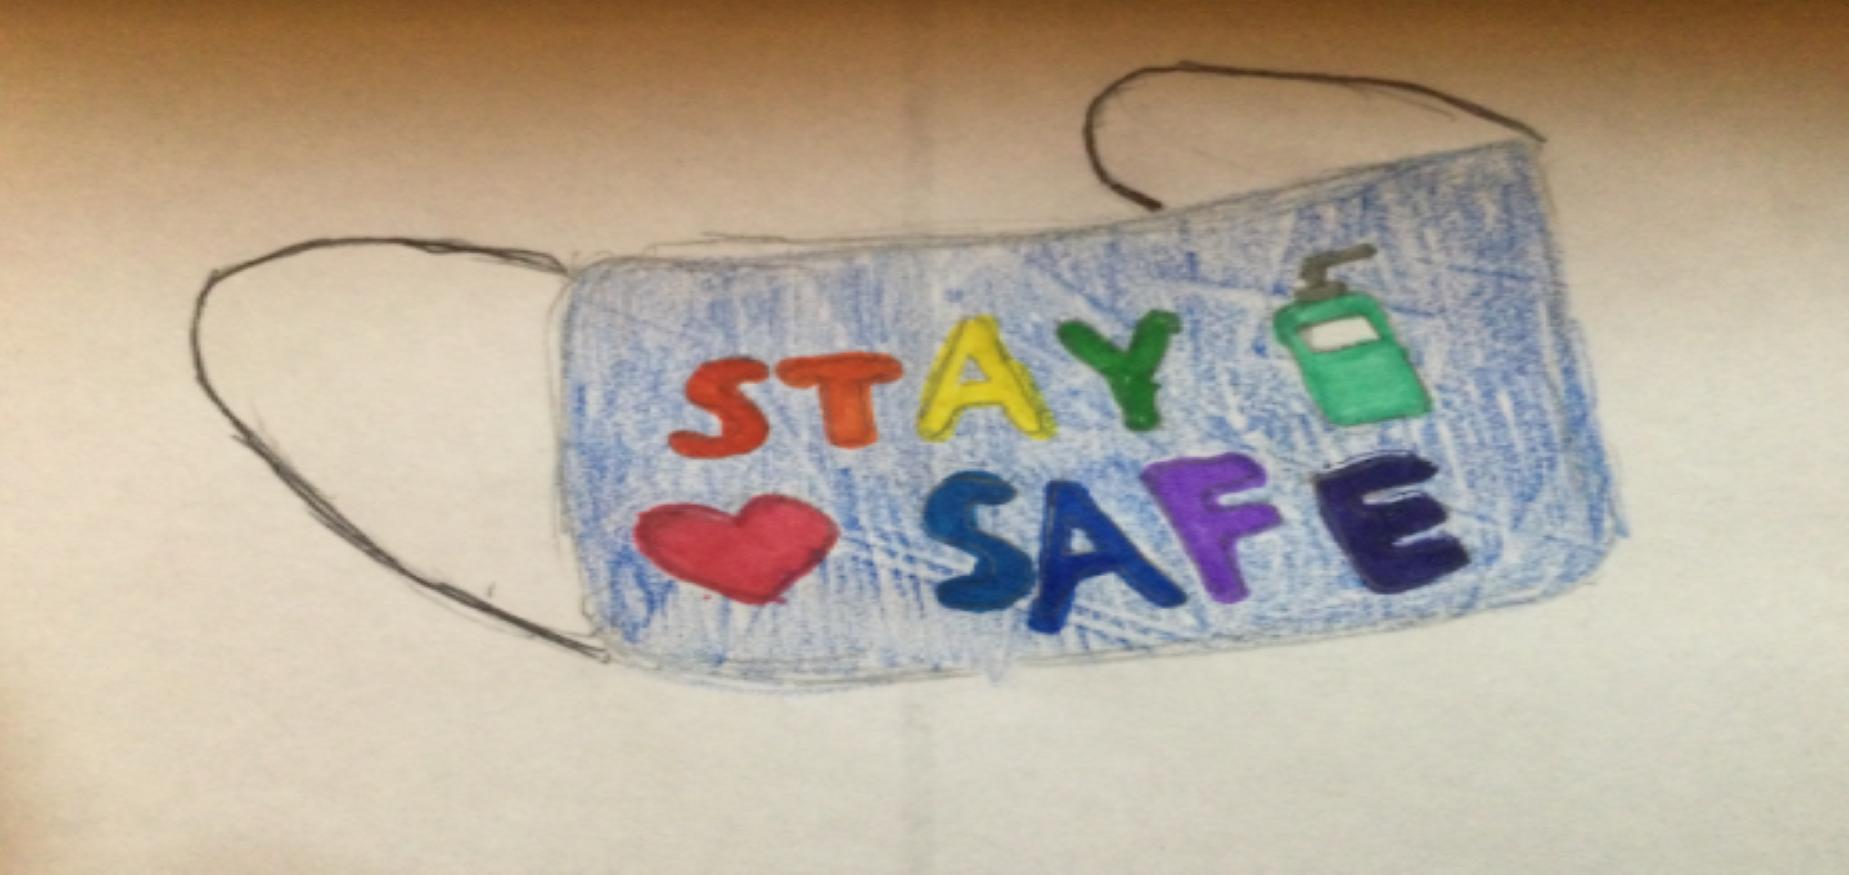 stay safe mask